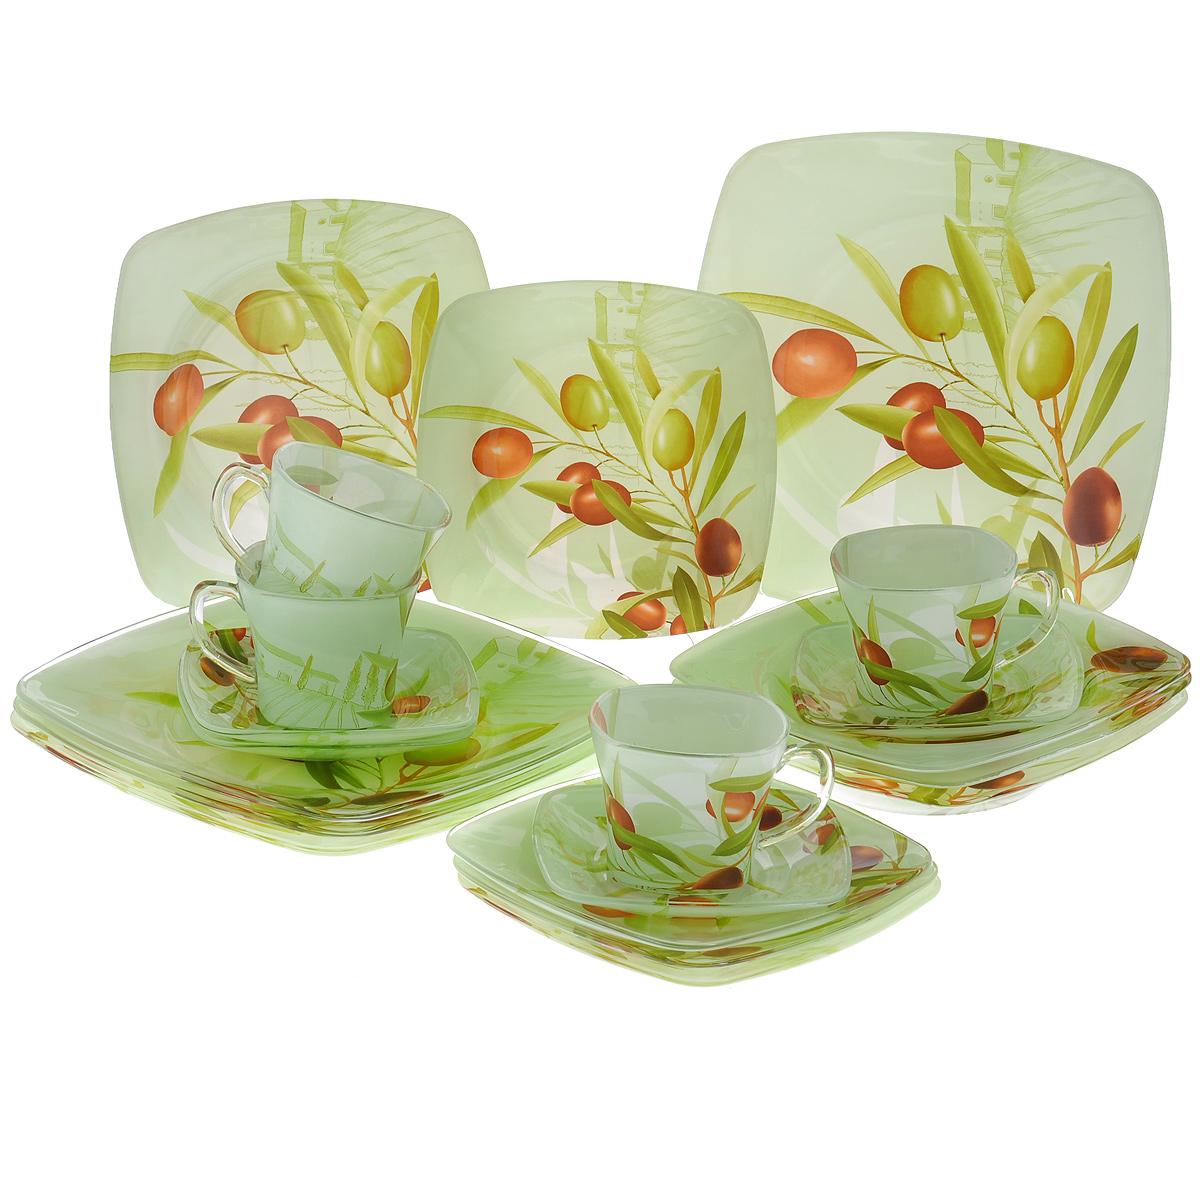 Набор посуды Оливки, 20 предметов10151-20Набор посуды состоит из 4 чашек, 4 блюдец, 4 тарелок для супа, 4 обеденных тарелок, 4 десертных тарелок. Изделия выполнены из высококачественного стекла и оформлены изображением веток с оливками. Этот набор эффектно украсит стол к обеду, а также прекрасно подойдет для торжественных случаев. Красочность оформления придется по вкусу и ценителям классики, и тем, кто предпочитает утонченность и изящность.